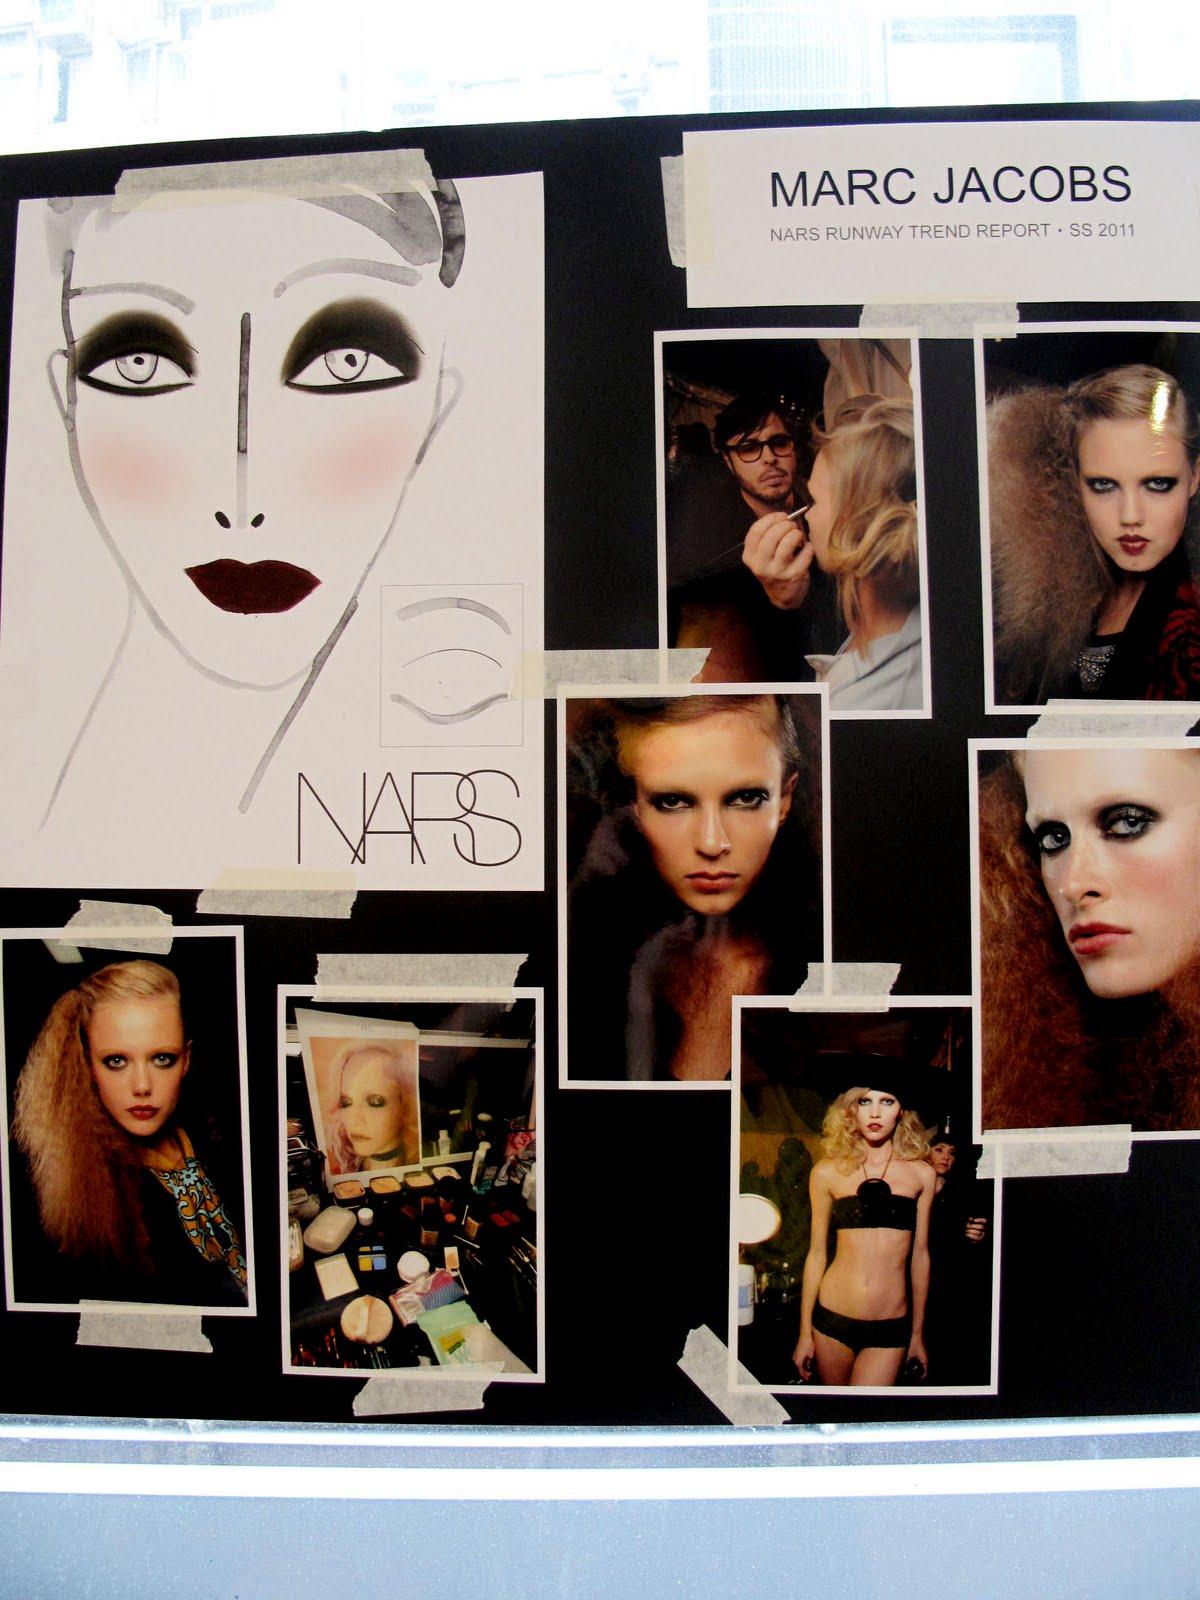 nars makeup Velvet Gloss Lip Pencils MARC JACOBS THAKOON PHILIP LIM SOPHIE THEALLET 及 HONOR